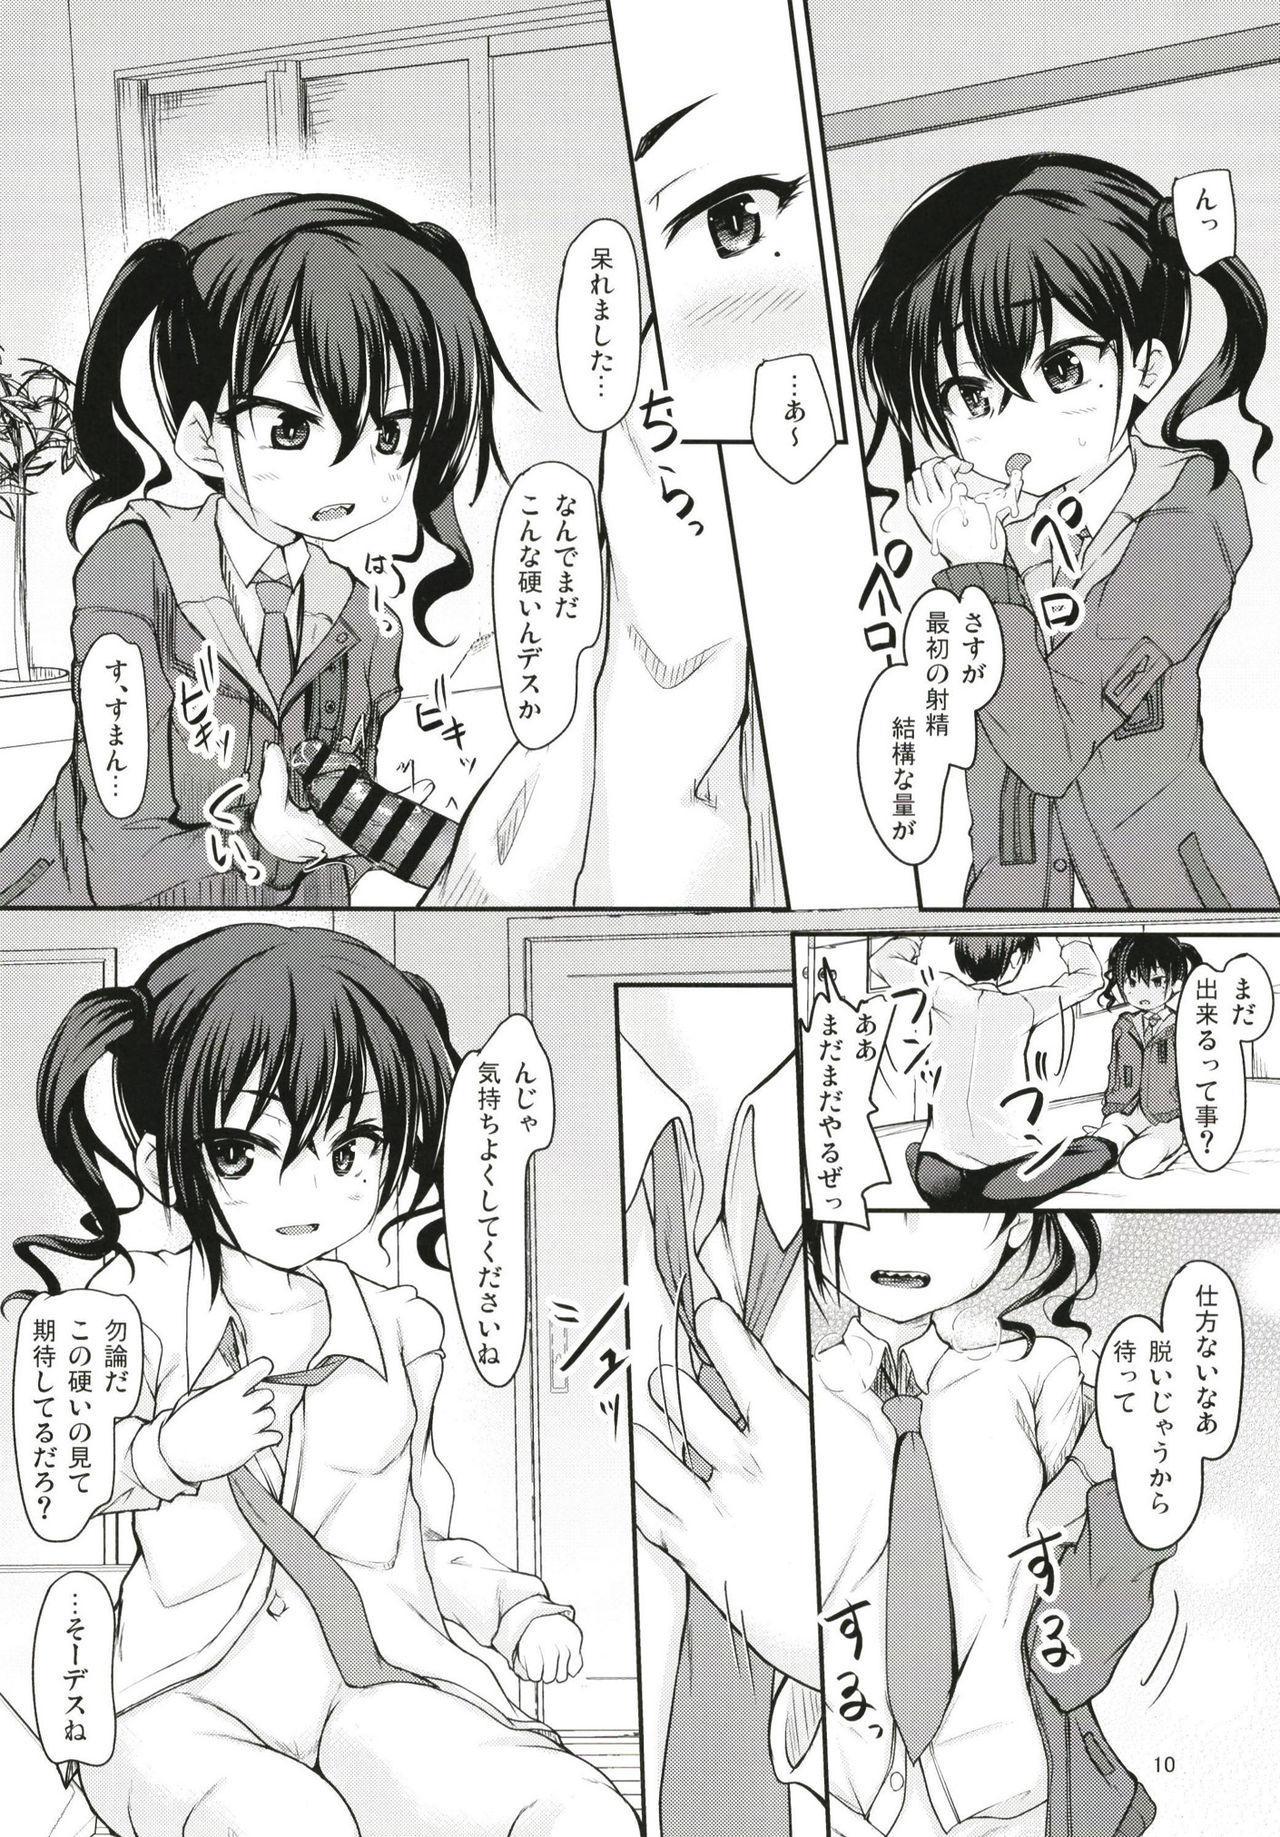 Haishin no Ato wa... 9